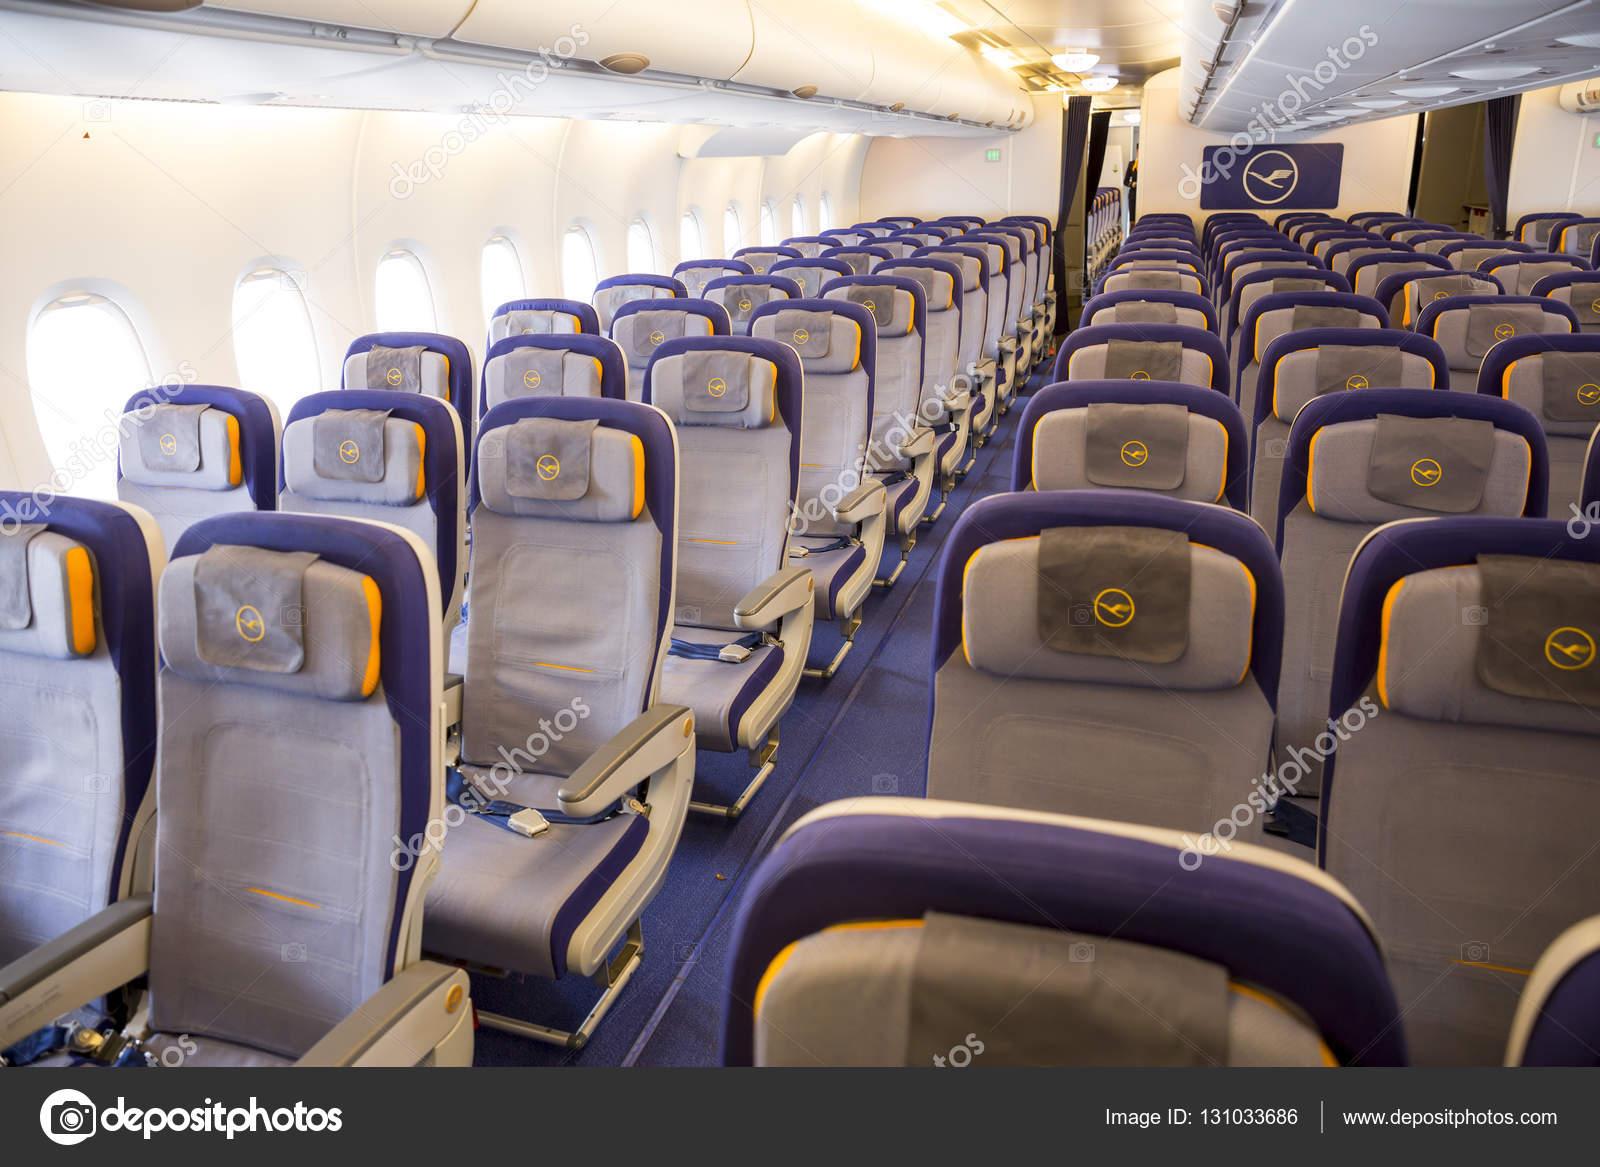 Avion a380 int rieur huis galerij for Avion airbus a380 interieur